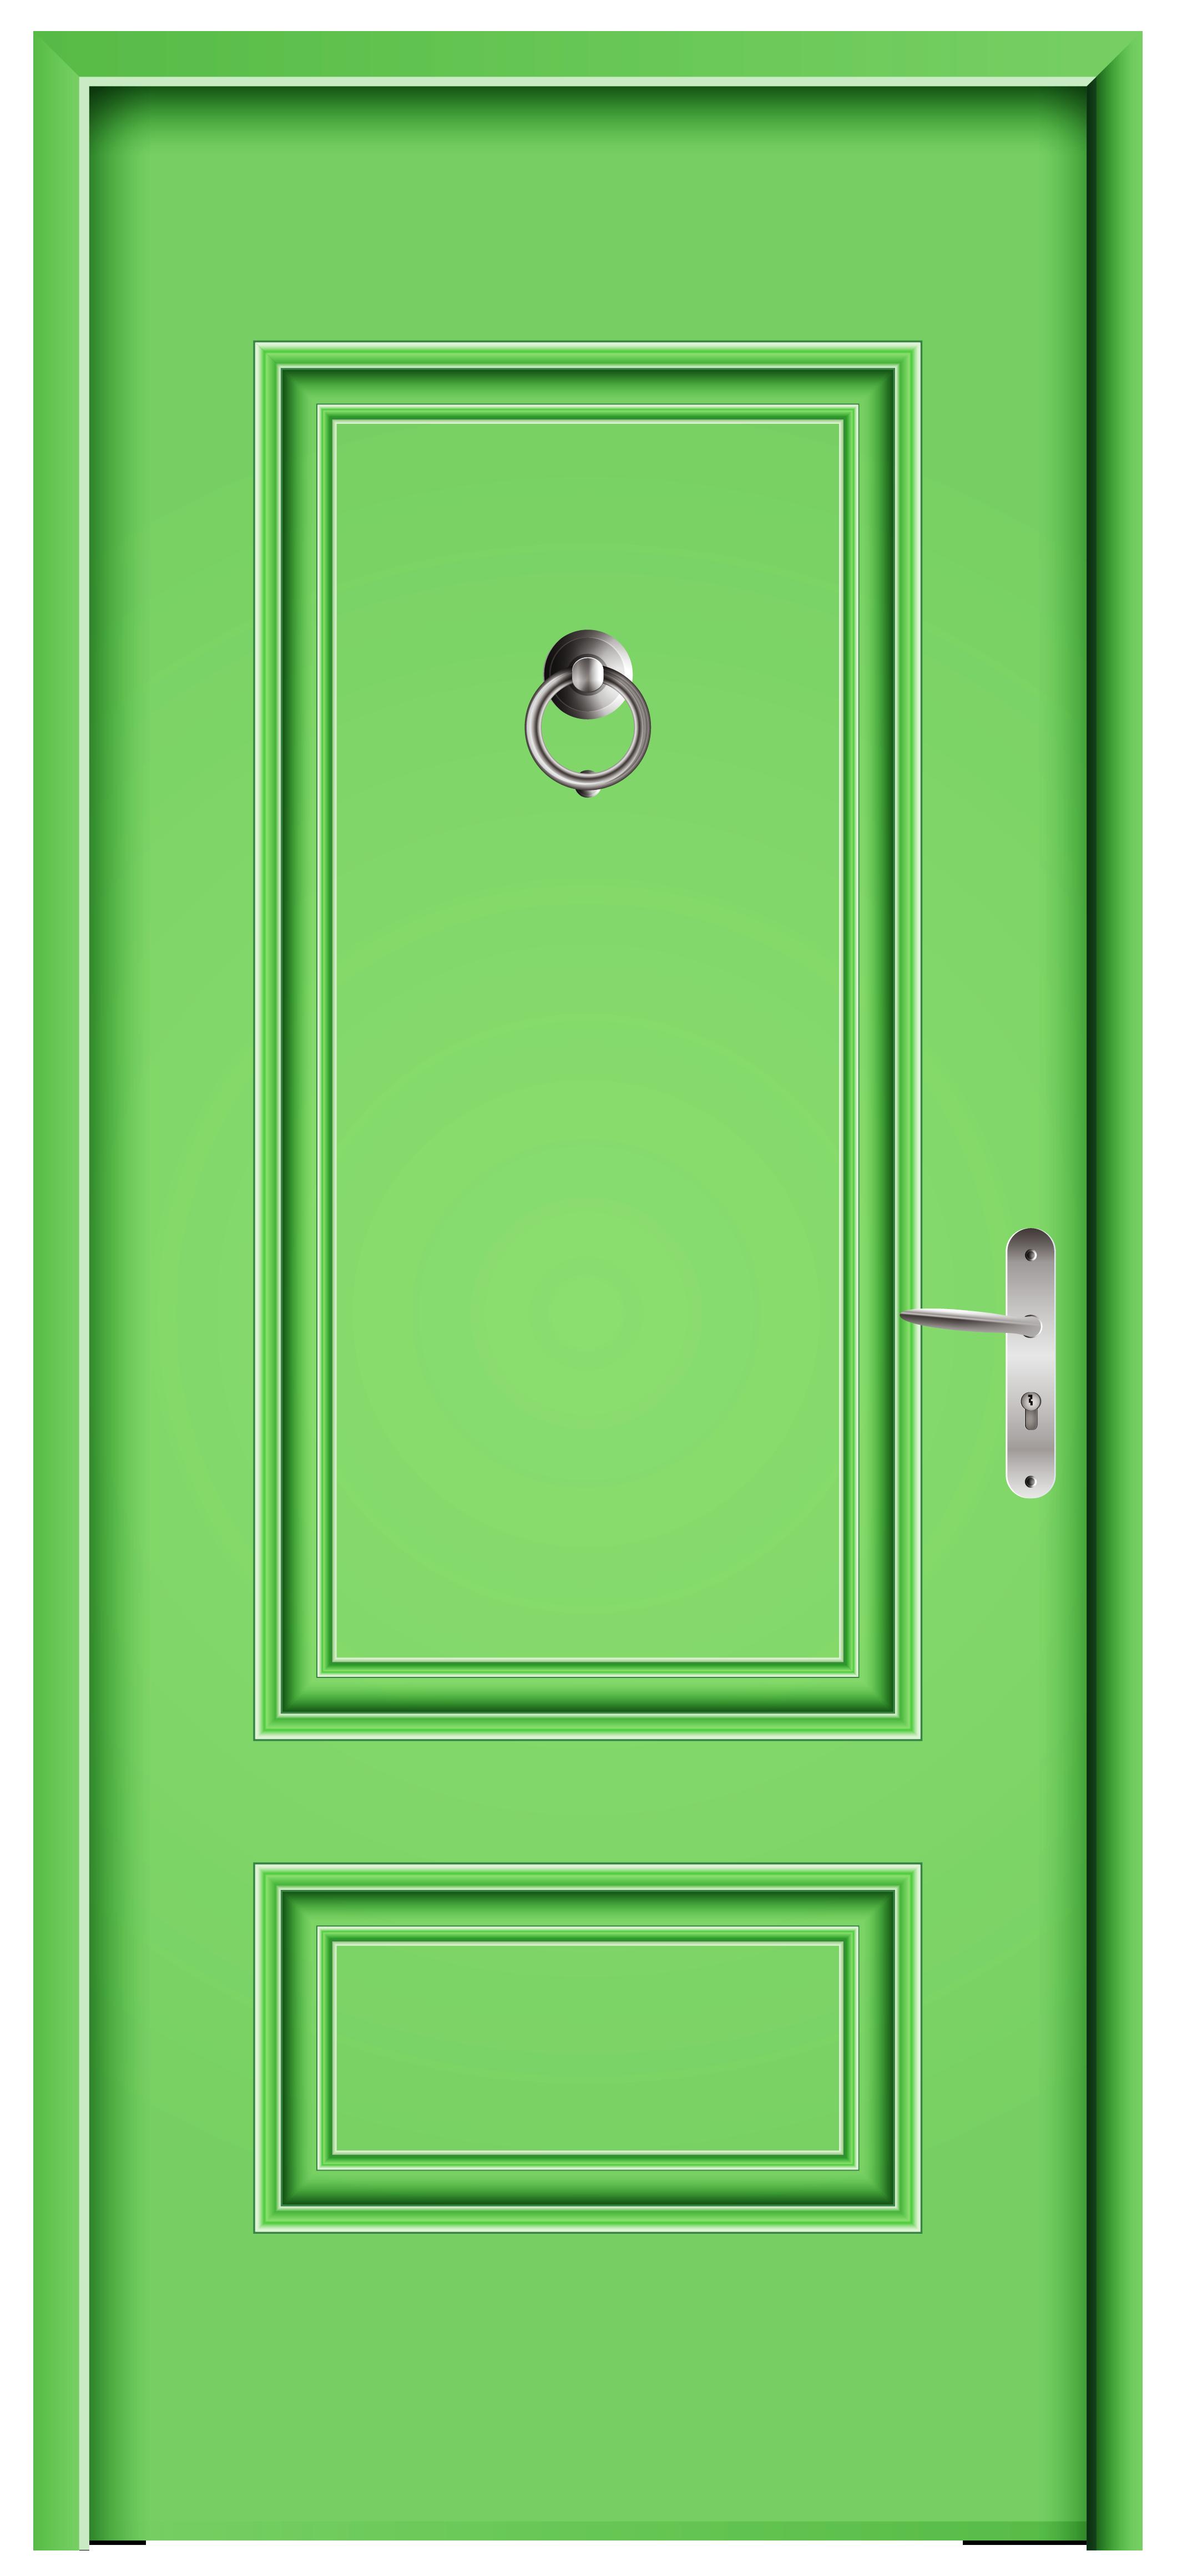 Front Door Green PNG Clip Art.